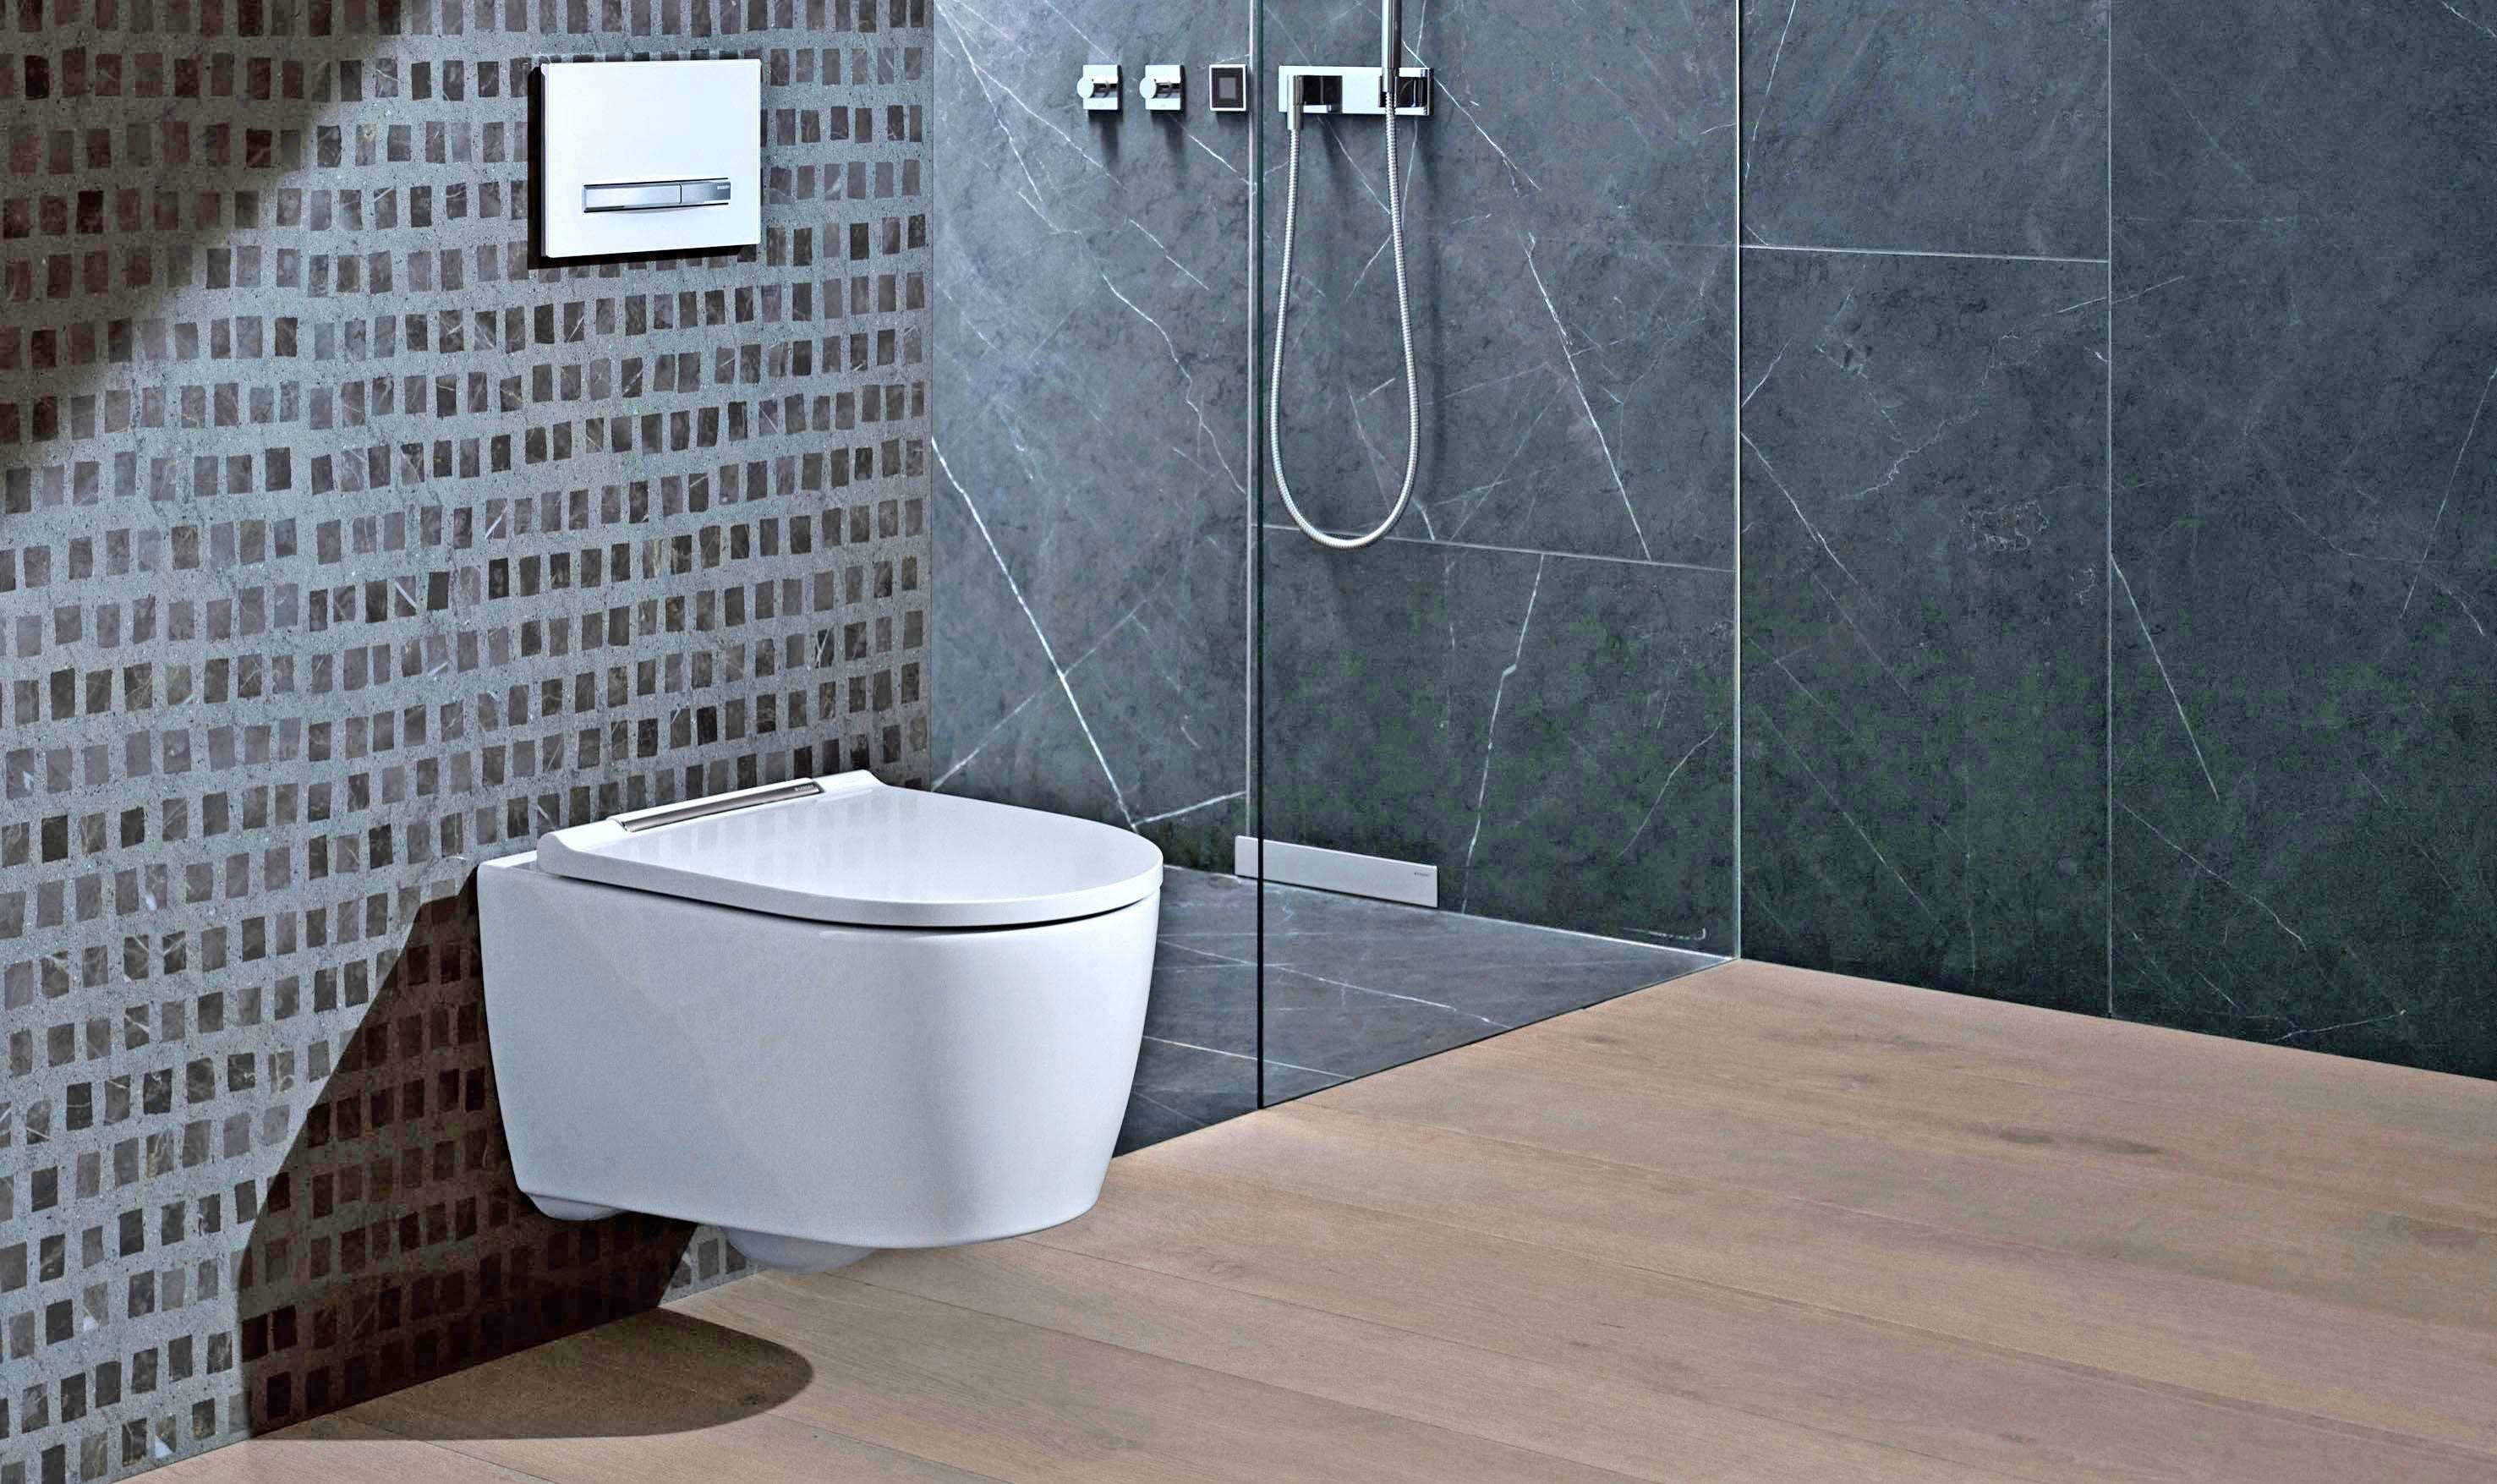 Für hohen Komfort in einem späteren Lebensabschnitt sorgen Toiletten, die in der Höhe verstellt werden können, ohne die Wand zu öffnen.